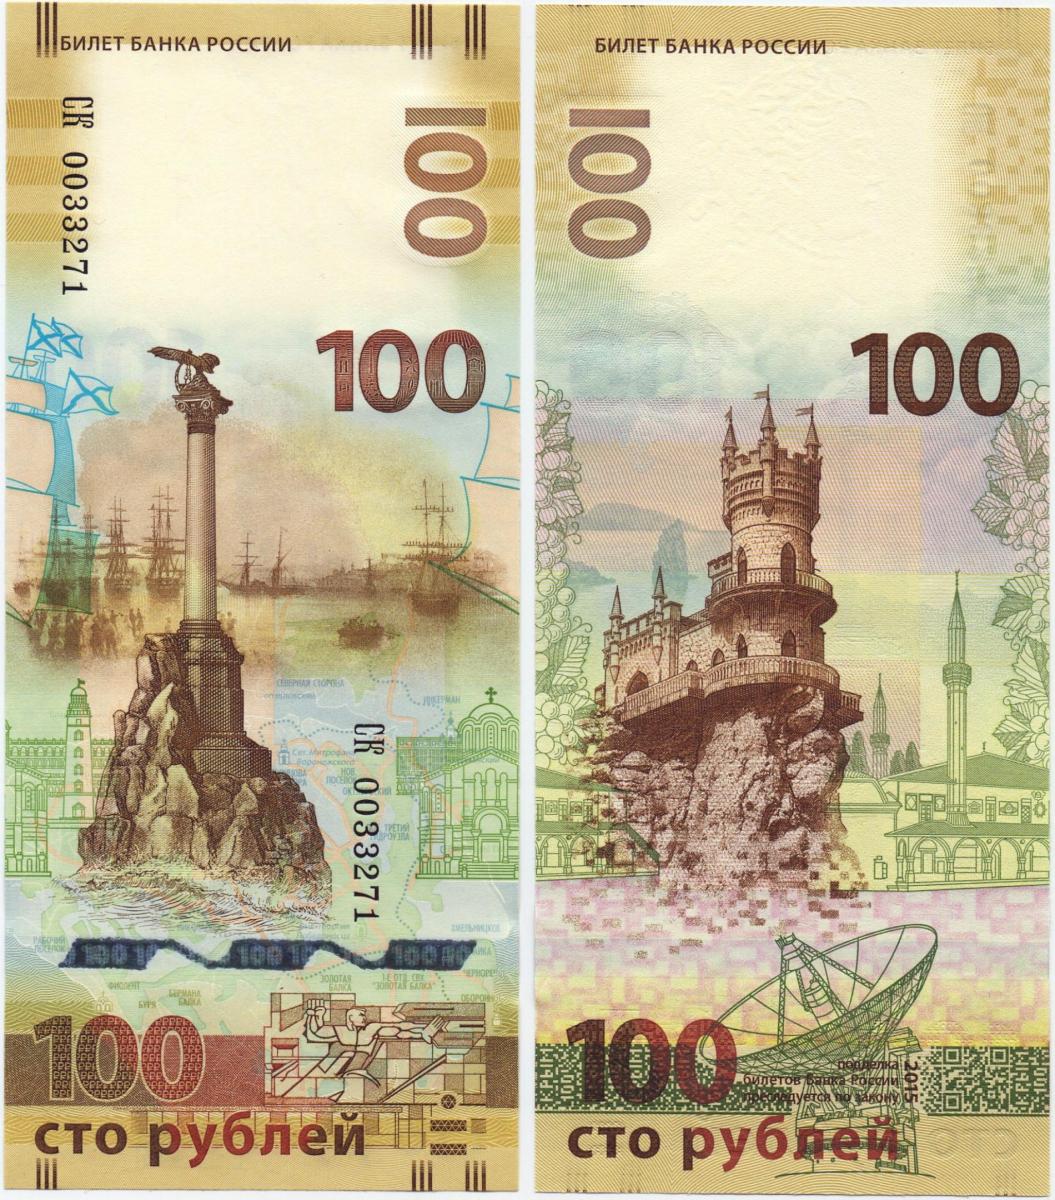 Изображение - Банкноты банка россии 100_rublej_Krym